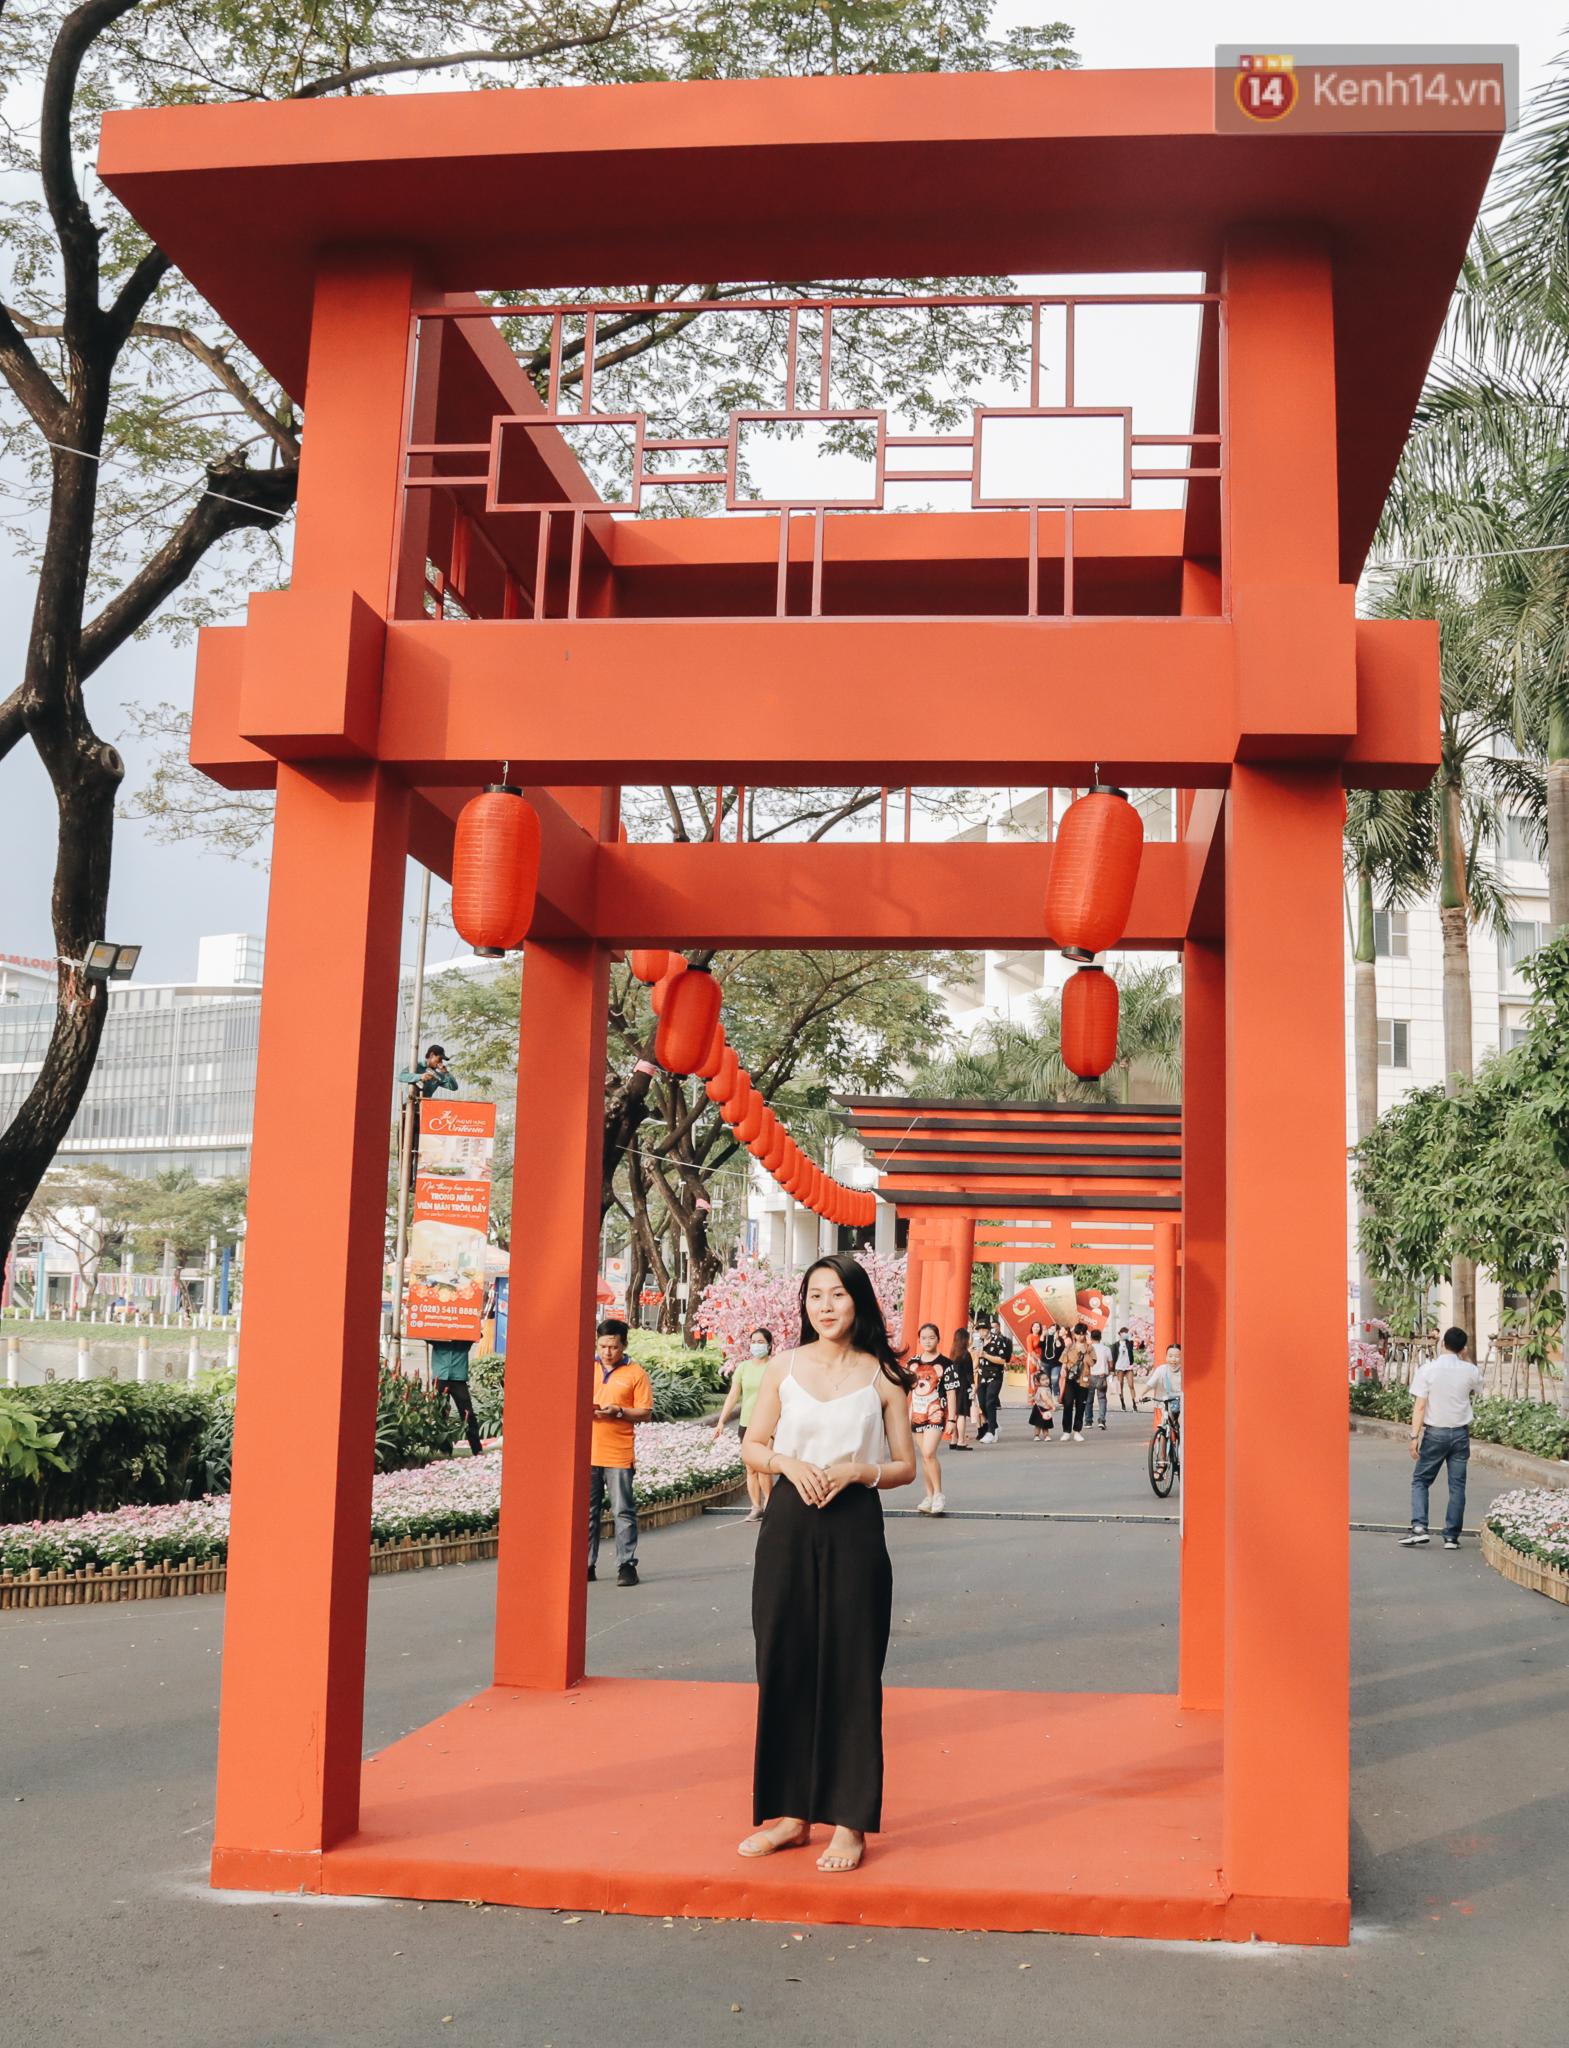 Cận cảnh đường hoa Tết Tân Sửu 2021 phong cách tối giản tại phố nhà giàu Sài Gòn - Ảnh 10.